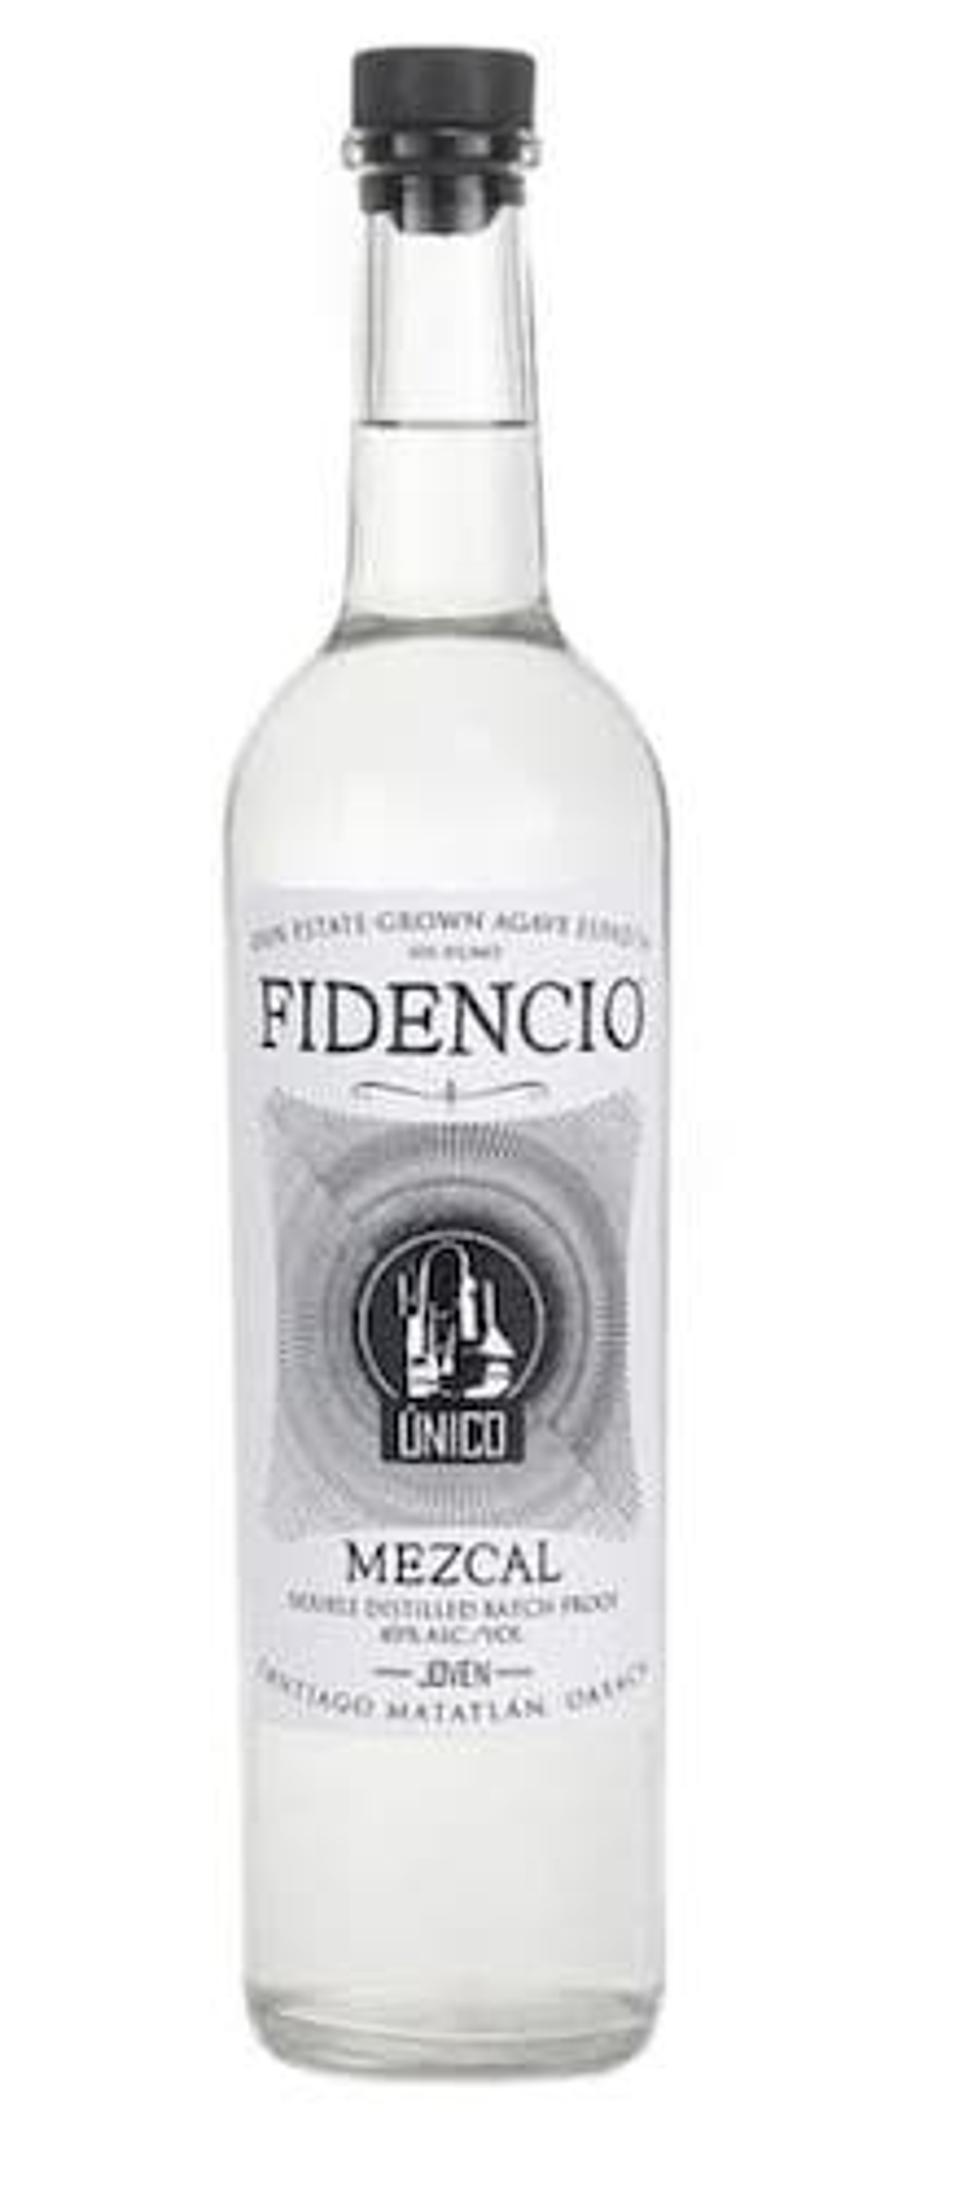 Fidencio Unico Mezcal_Best Mezcals Cinco de Mayo_01